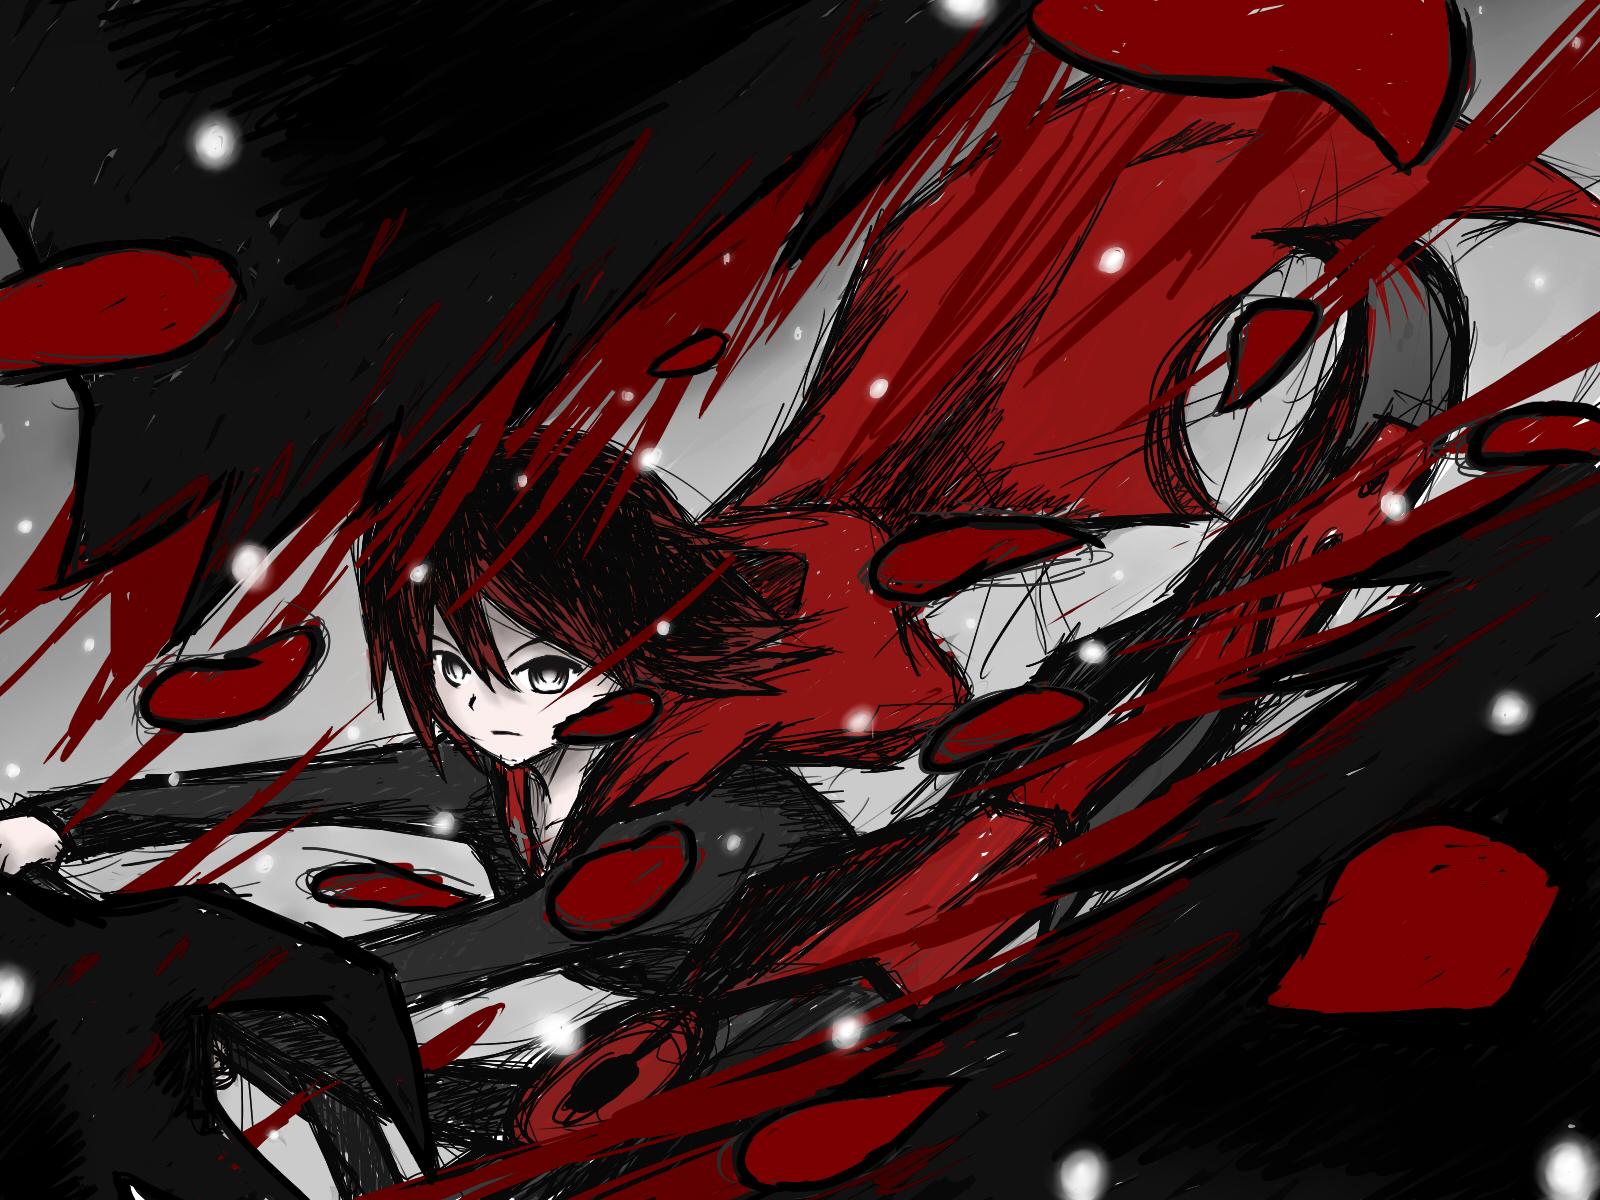 [RWBY]Ruby Rose by Mengluoli on DeviantArt  |Ruby Red Fan Art